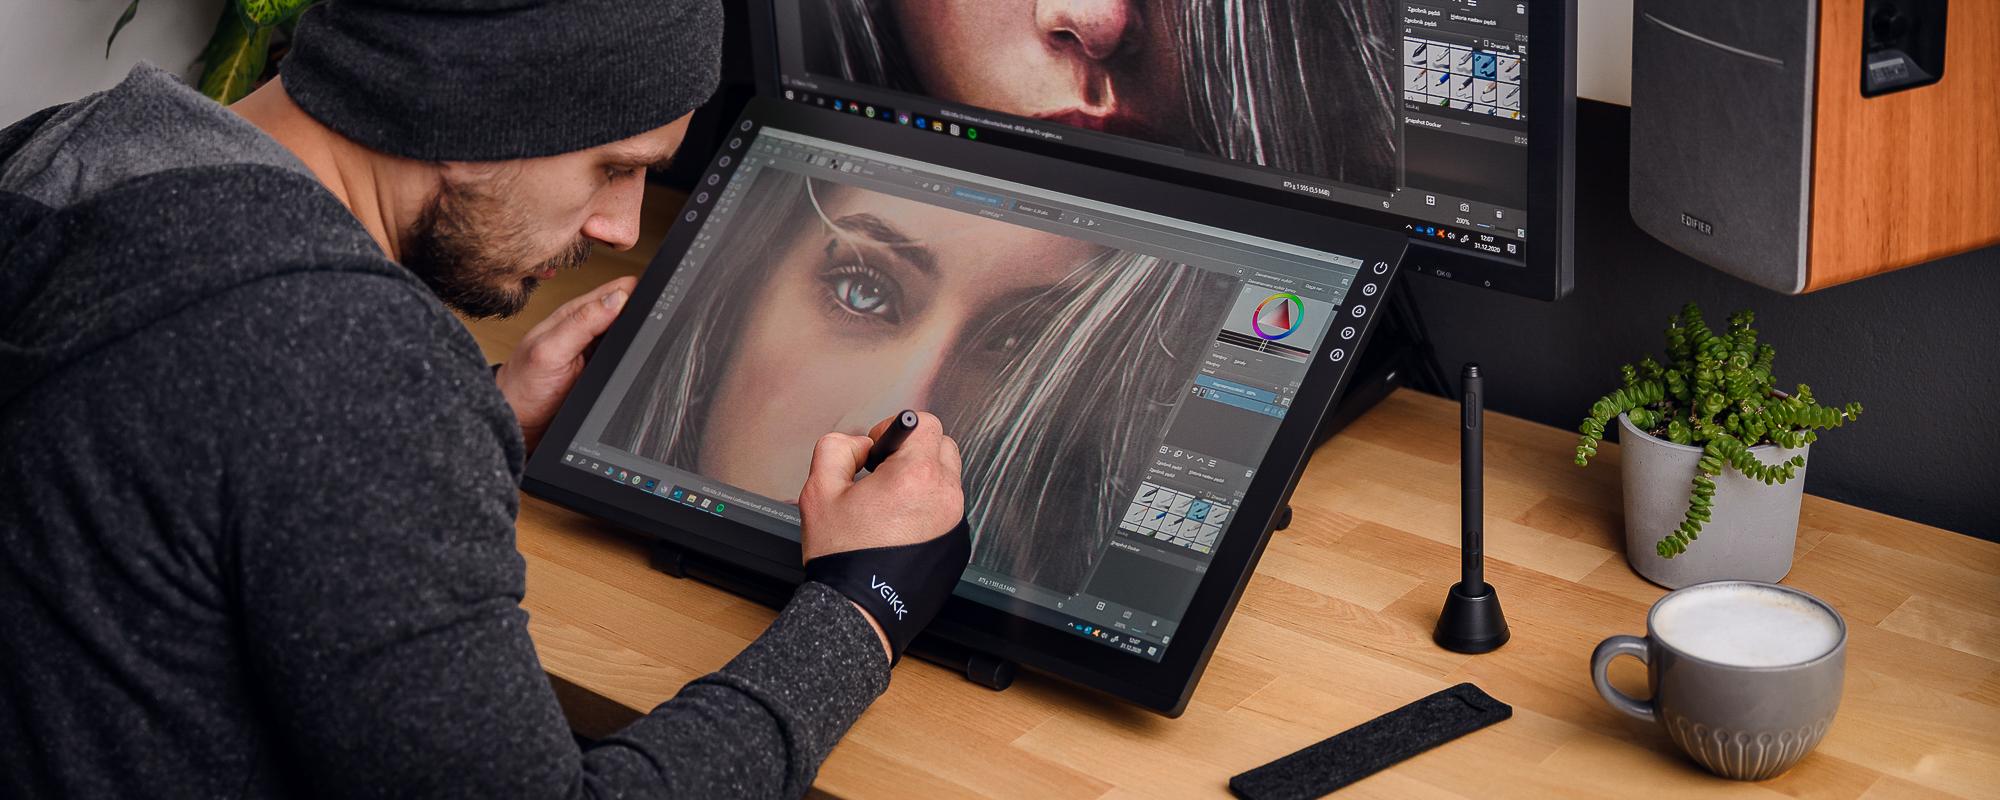 Zdjęcie - młody mężczyzna siedzi przy biurku i obsługuje tablet graficzny z ekranem LCD Veikk VK2200